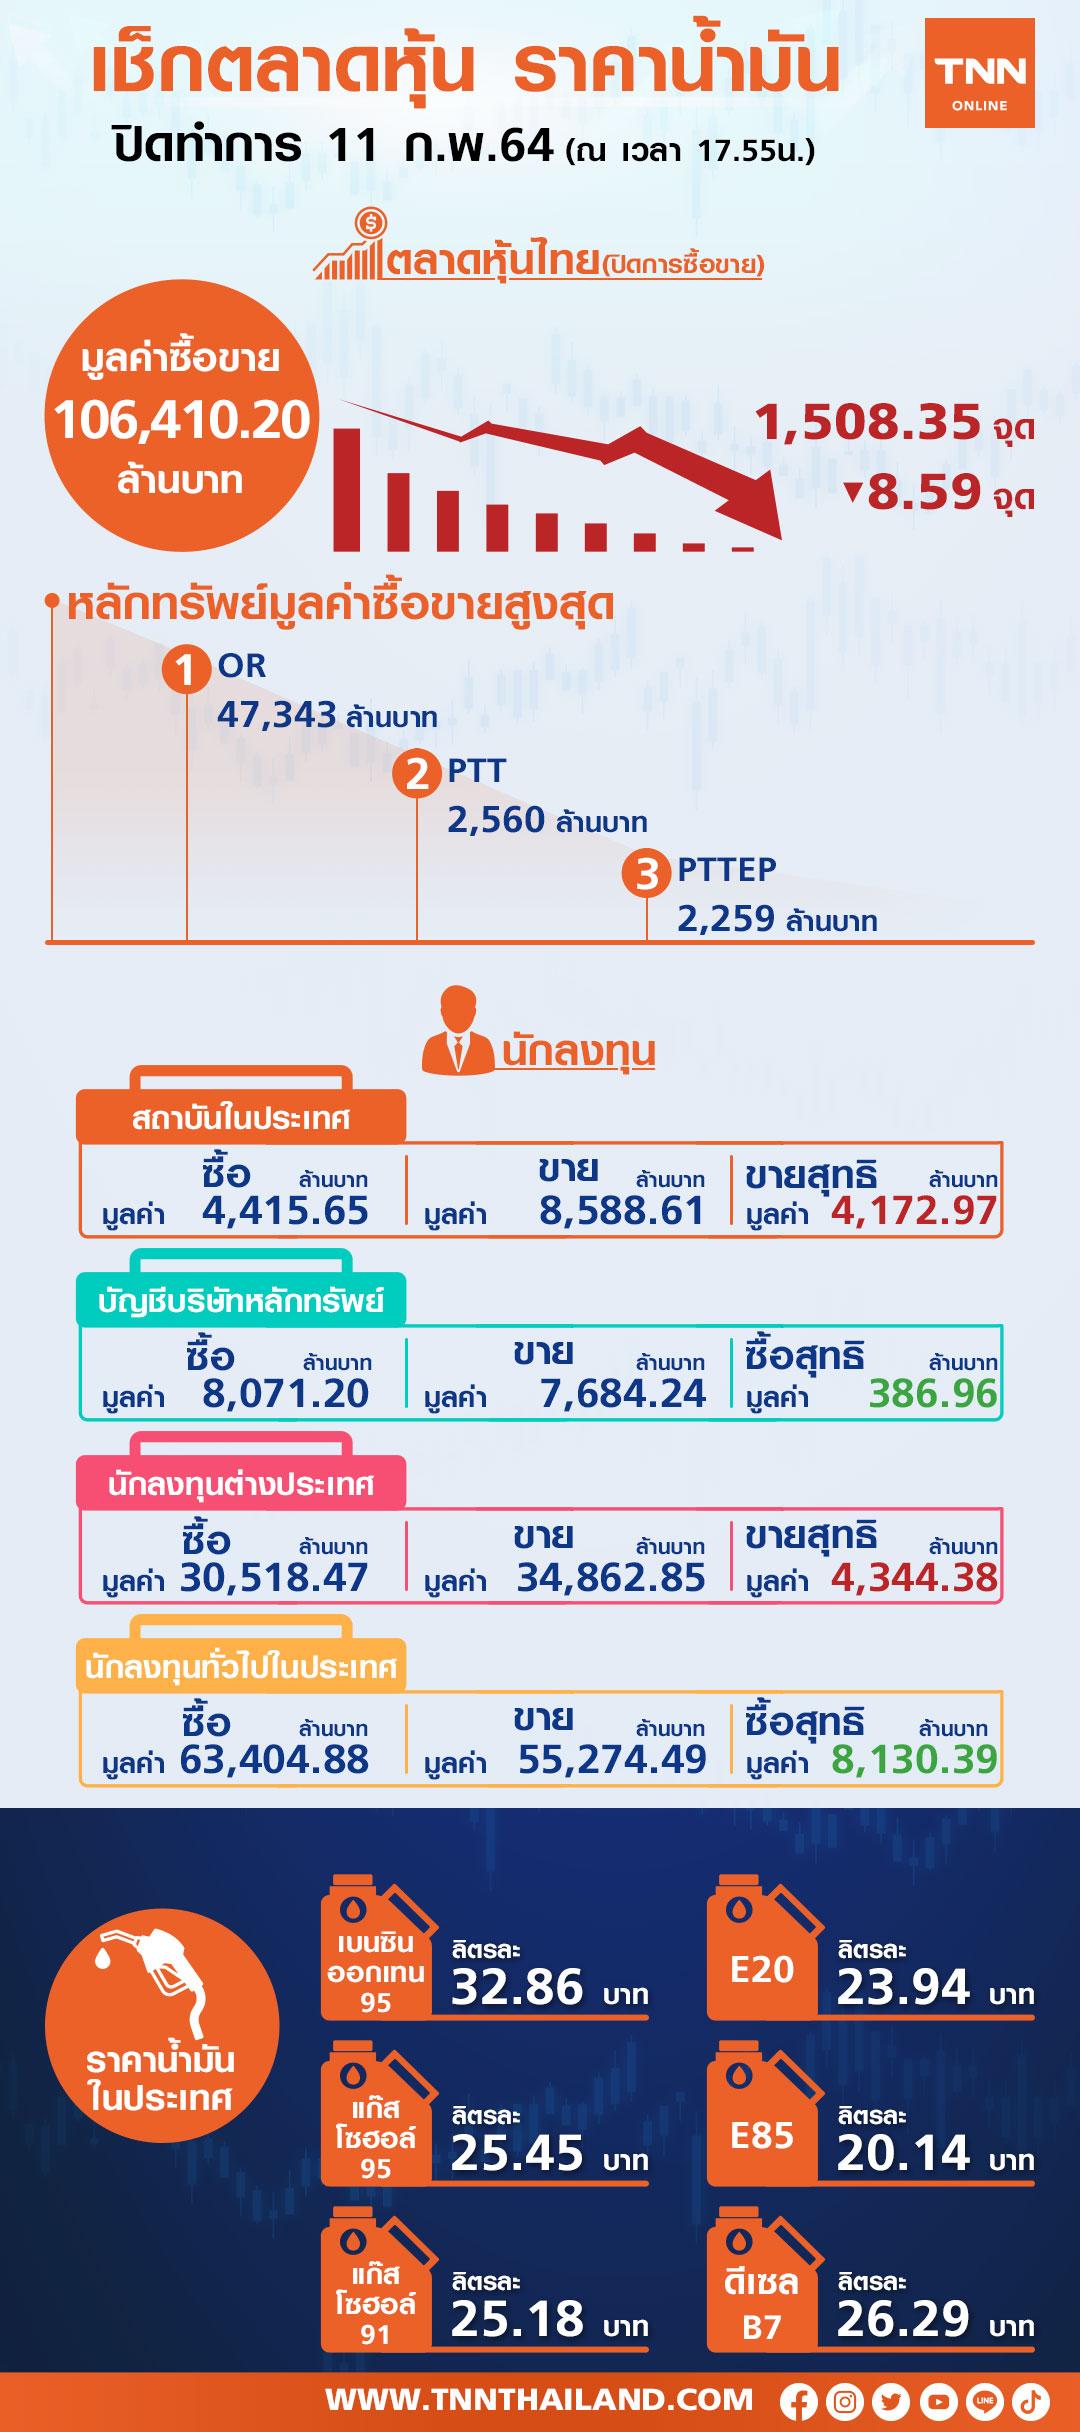 ต่างชาติ-สถาบันเทขายหุ้นไทยกดดัชนีร่วง -โออาร์สวนตลาดปิดพุ่ง 29.50 บาท